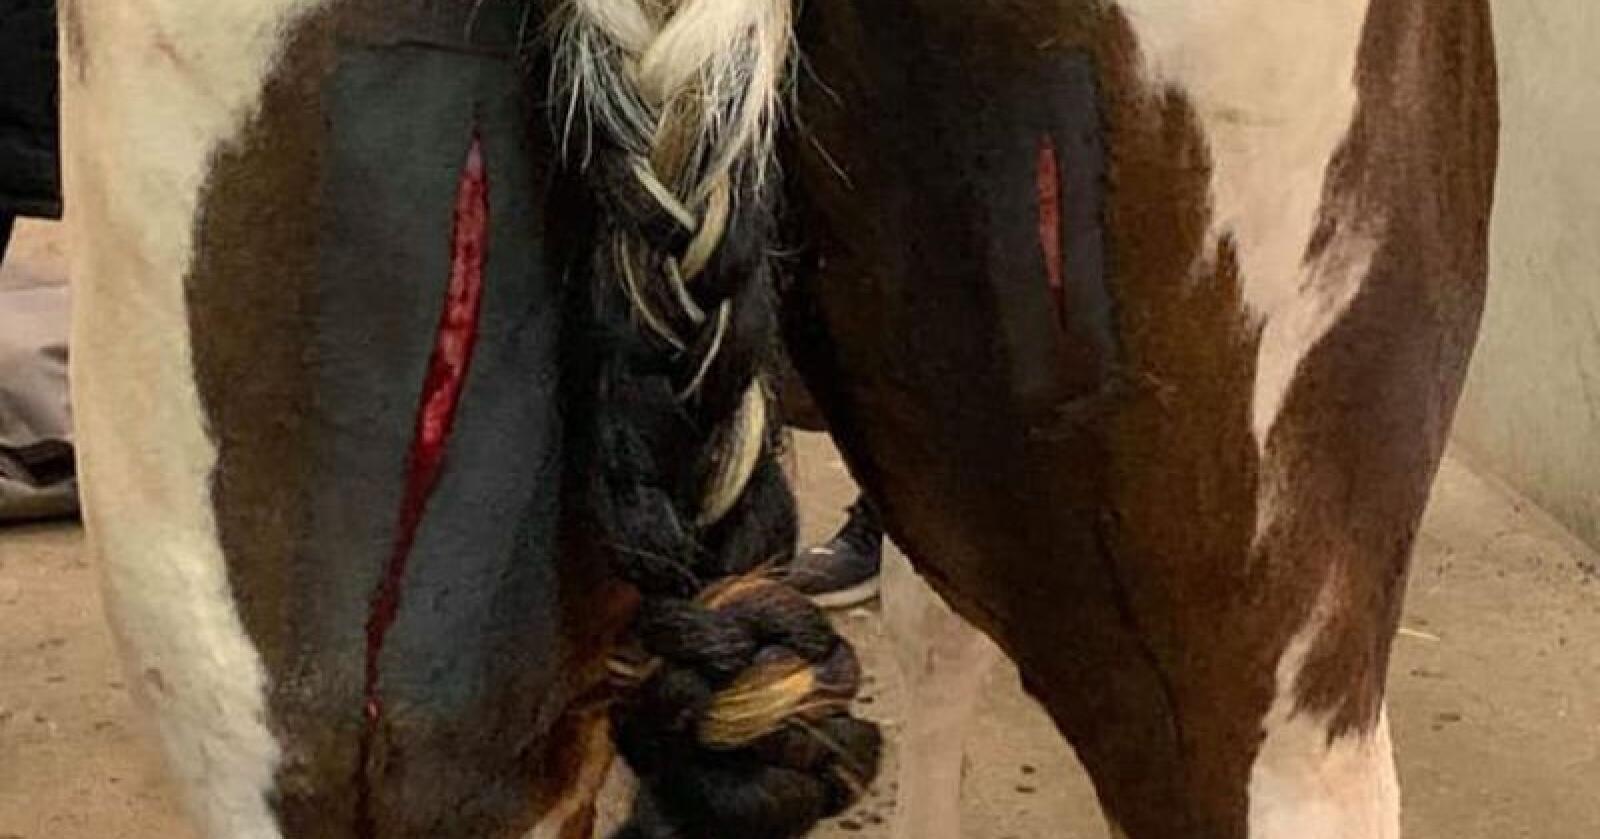 Den tre år gamle hesten Keso ble skåret flere steder på kroppen med kniv. Foto: Privat